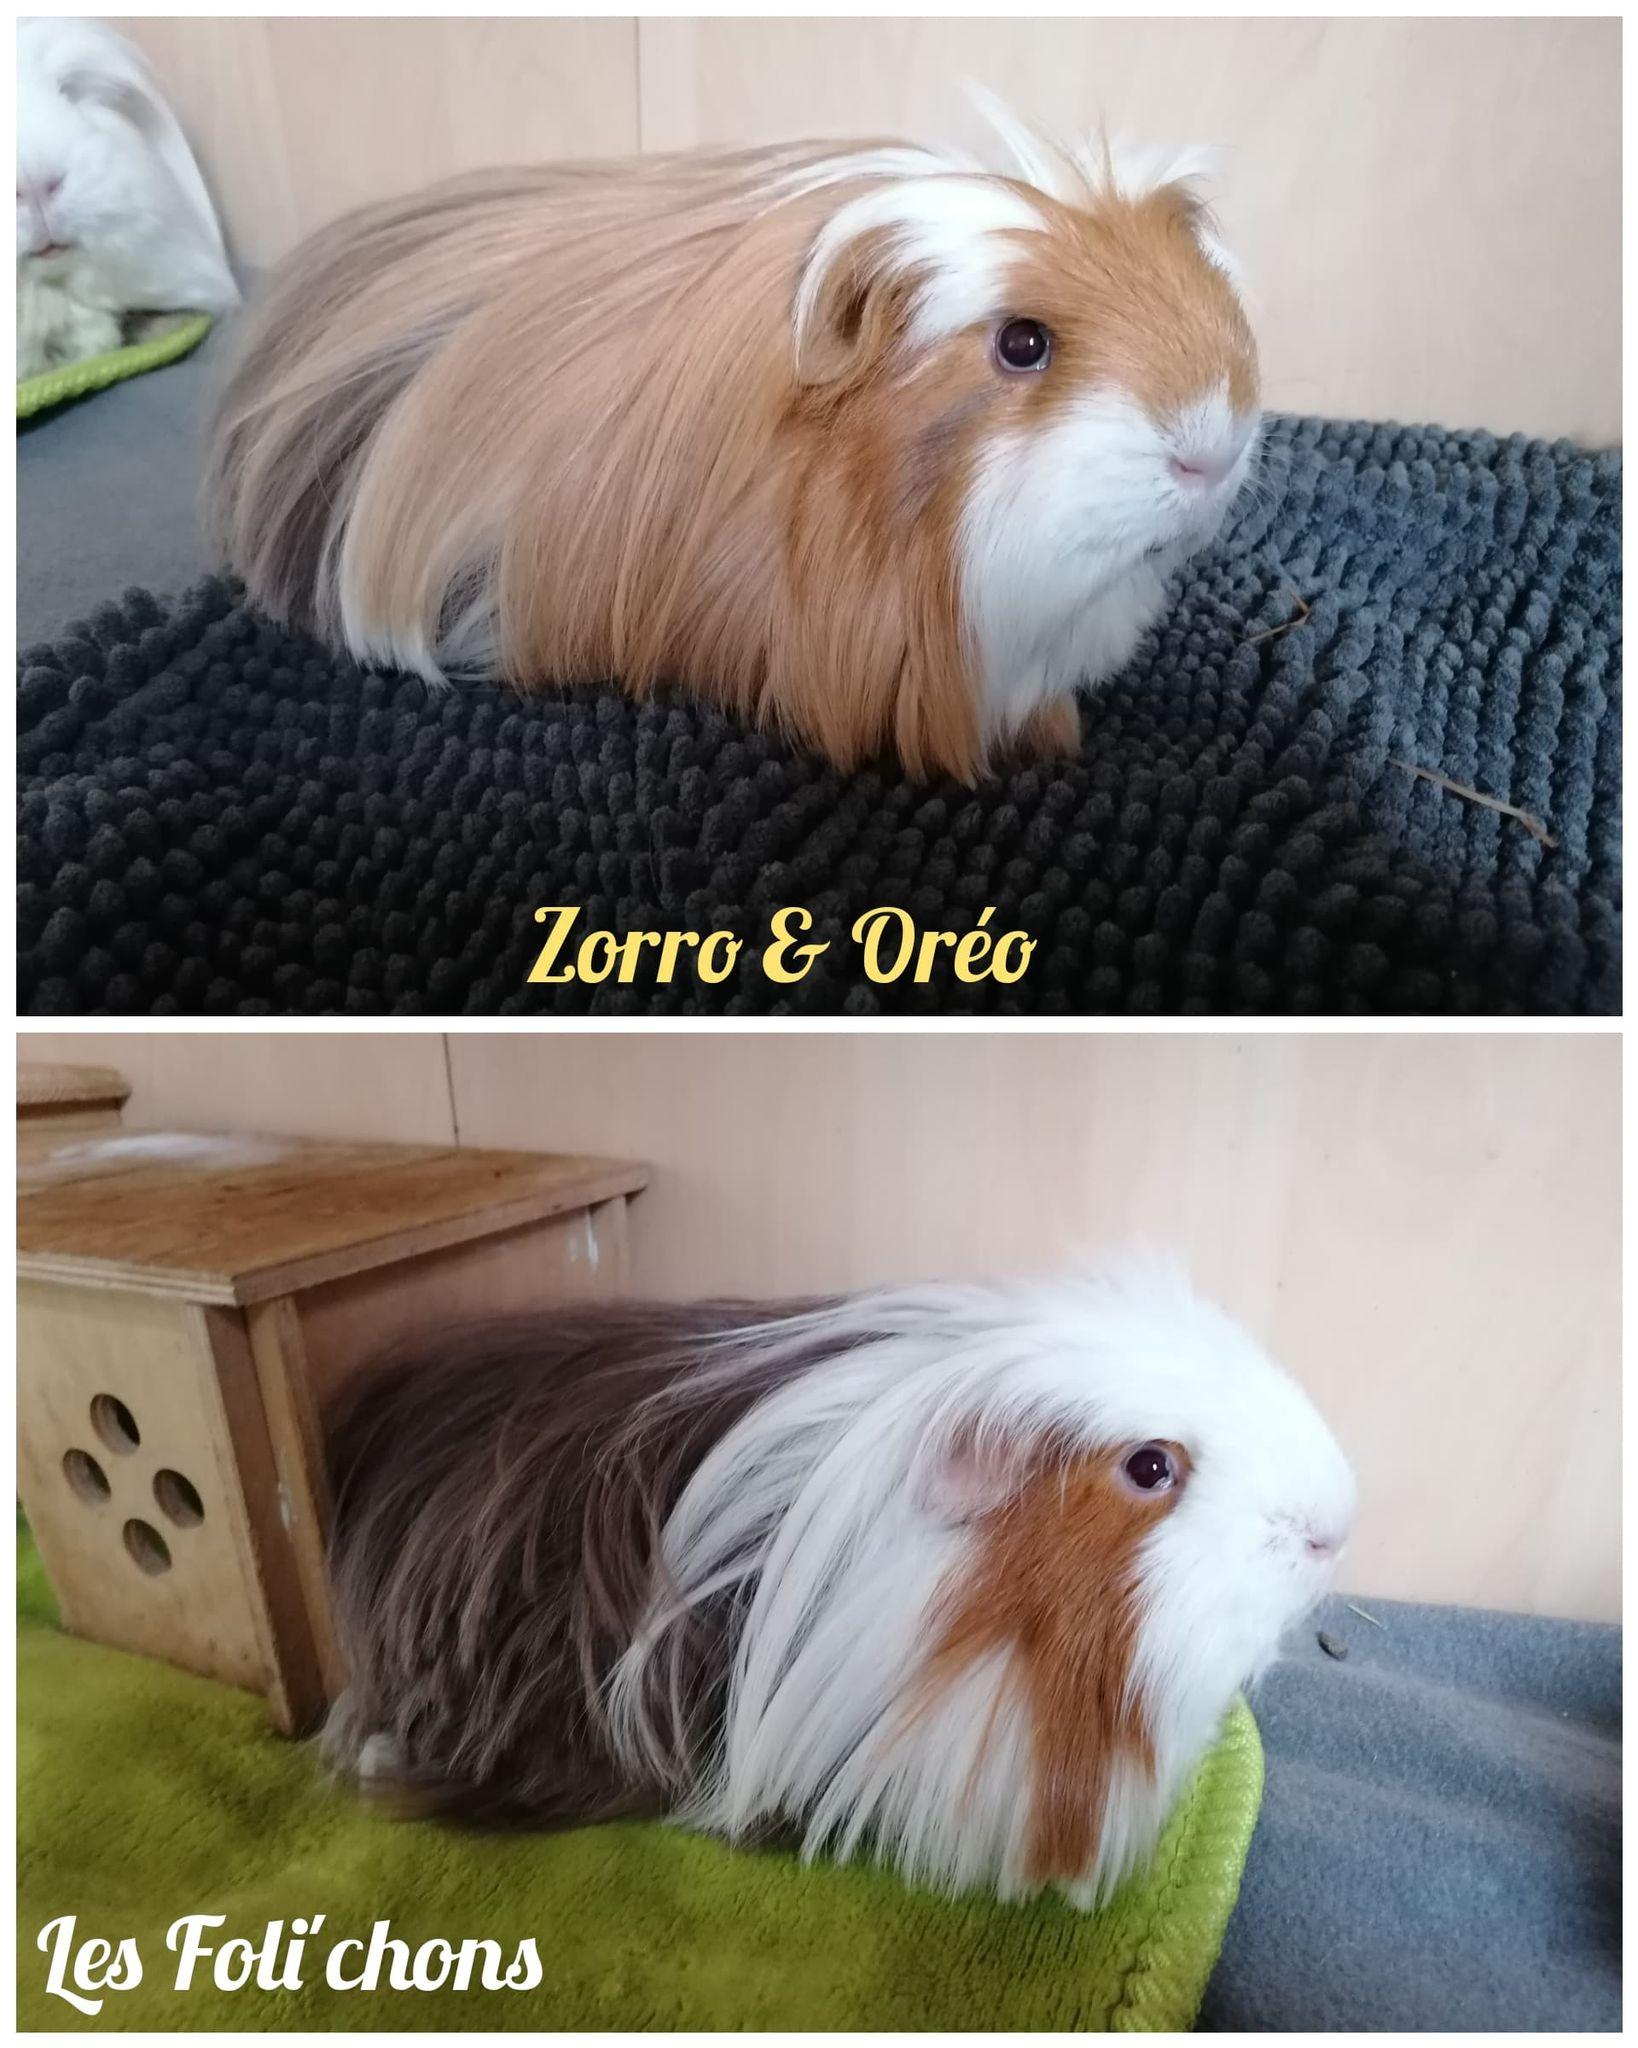 Zorro & Oréo